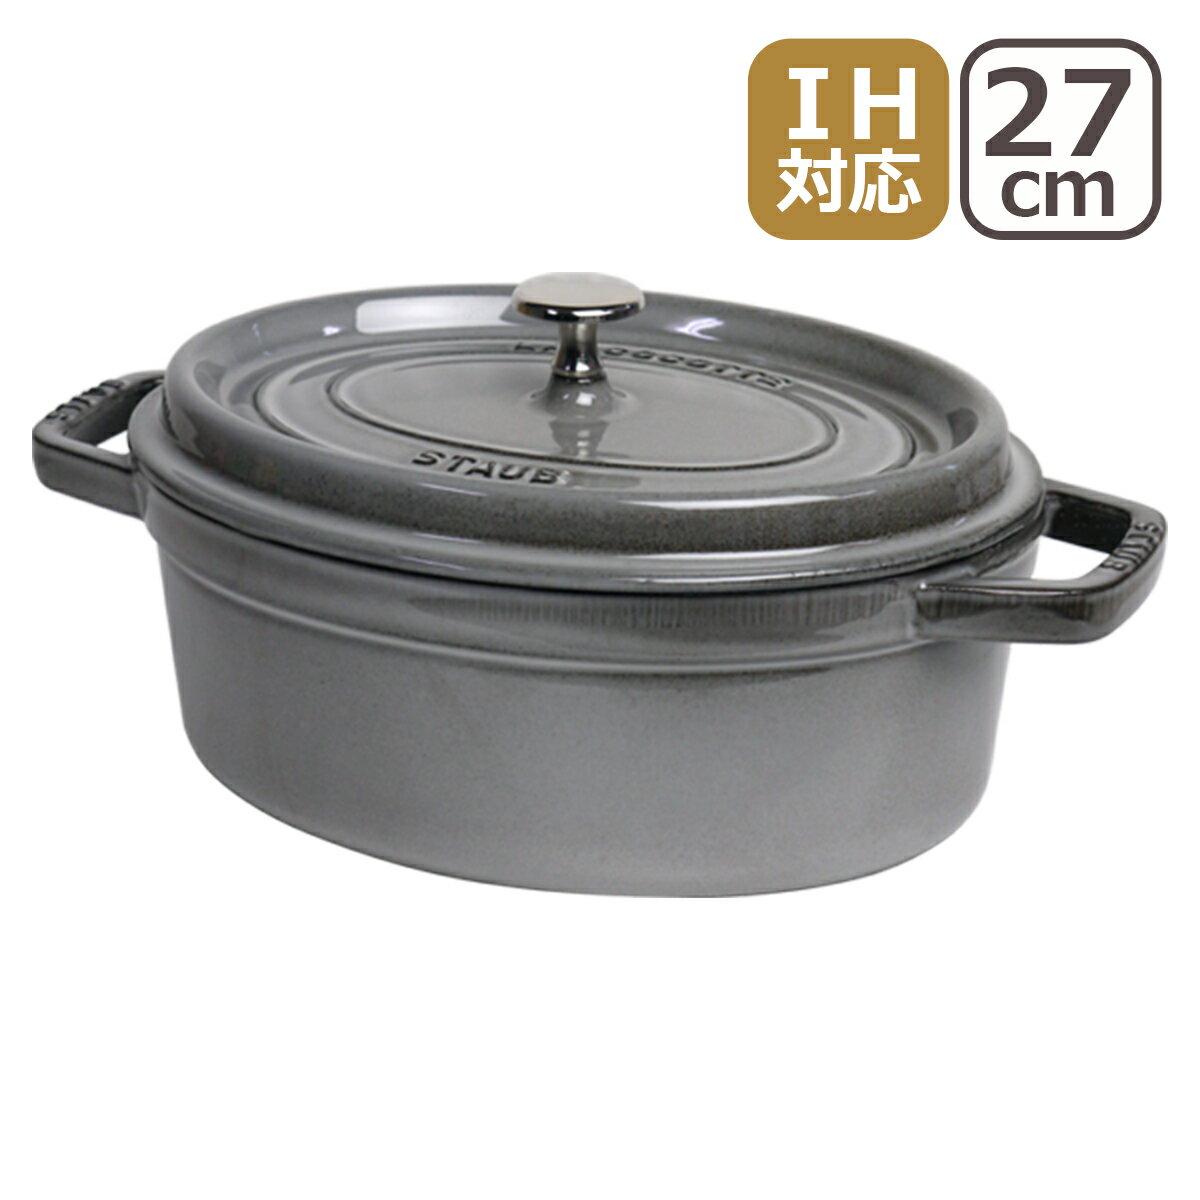 ストウブ 鍋 STAUB ピコココット オーバル 27cm グラファイトグレー ホーロー 調理器具 COCOTTE OVAL ギフト・のし可